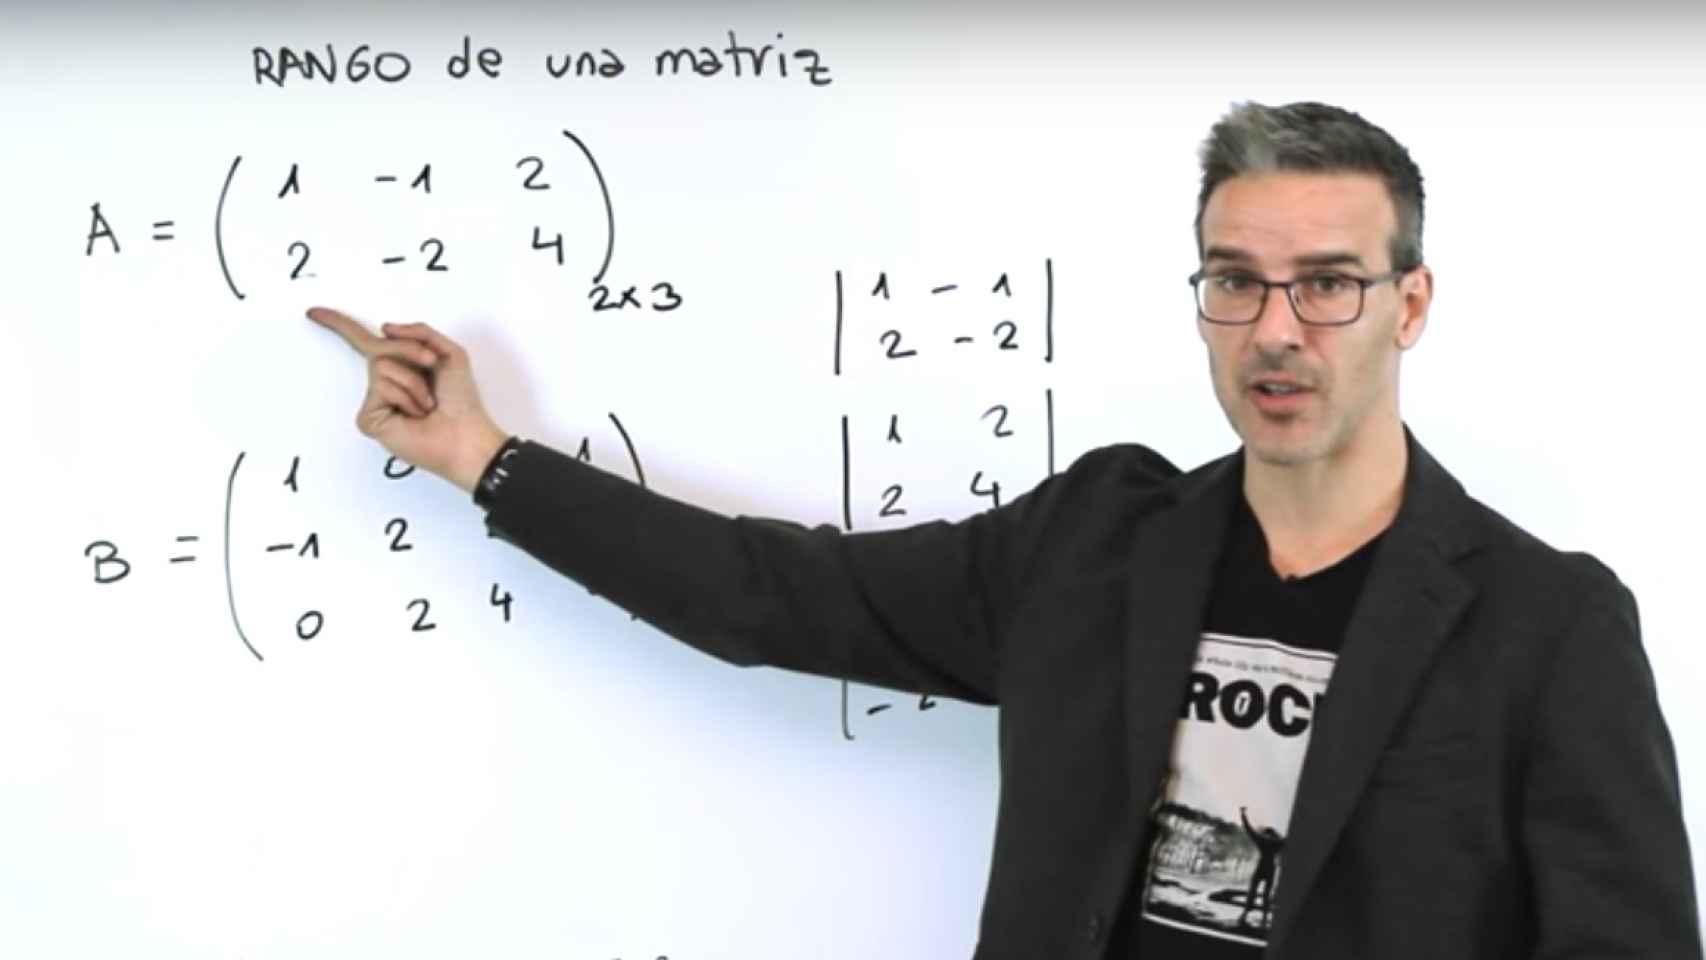 El Espanol Nominado A Los Nobel De Educacion De Ingeniero En Paro A Profesor Youtuber